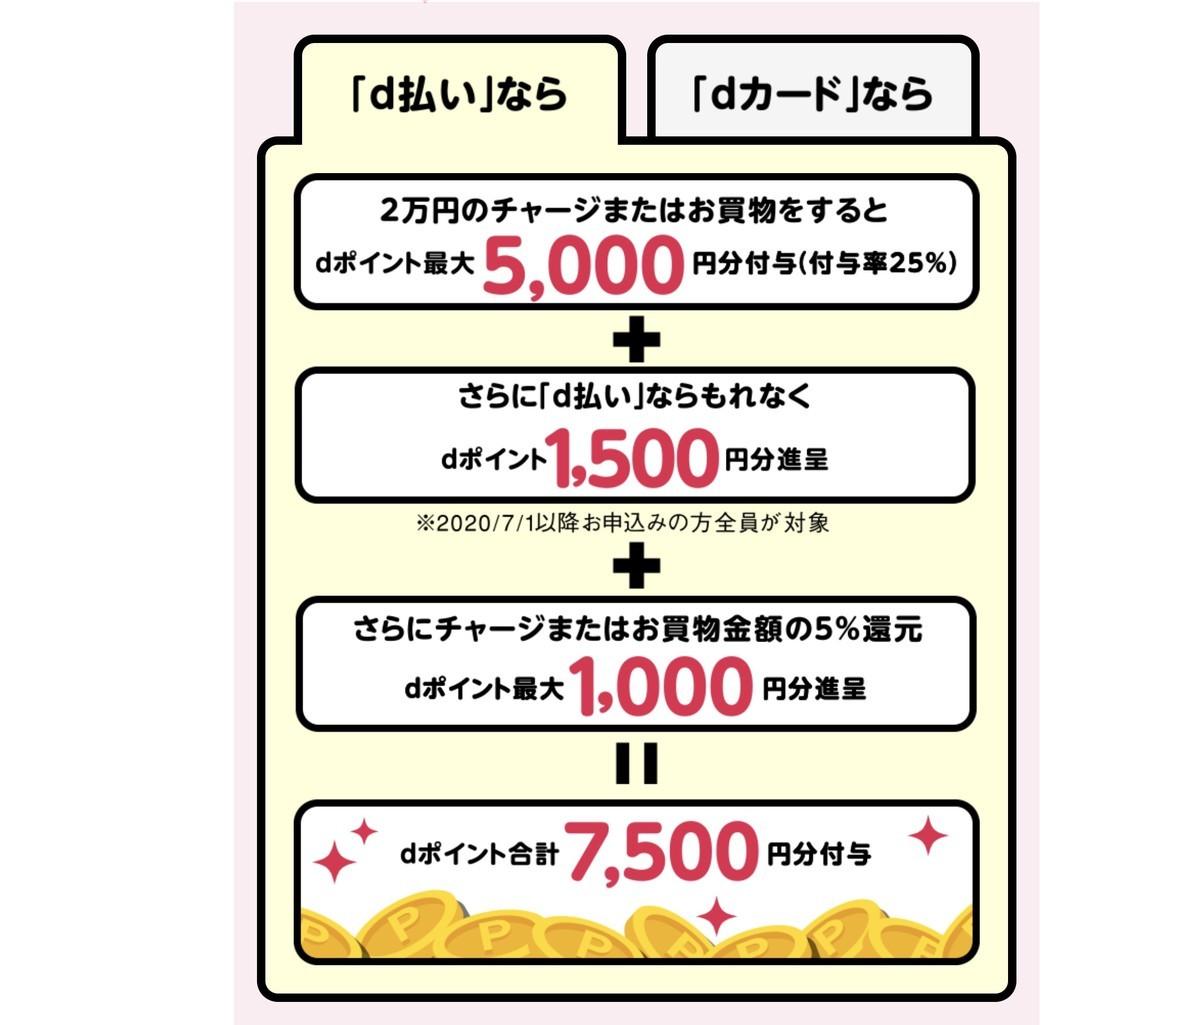 f:id:kuzyo:20200902003737j:plain